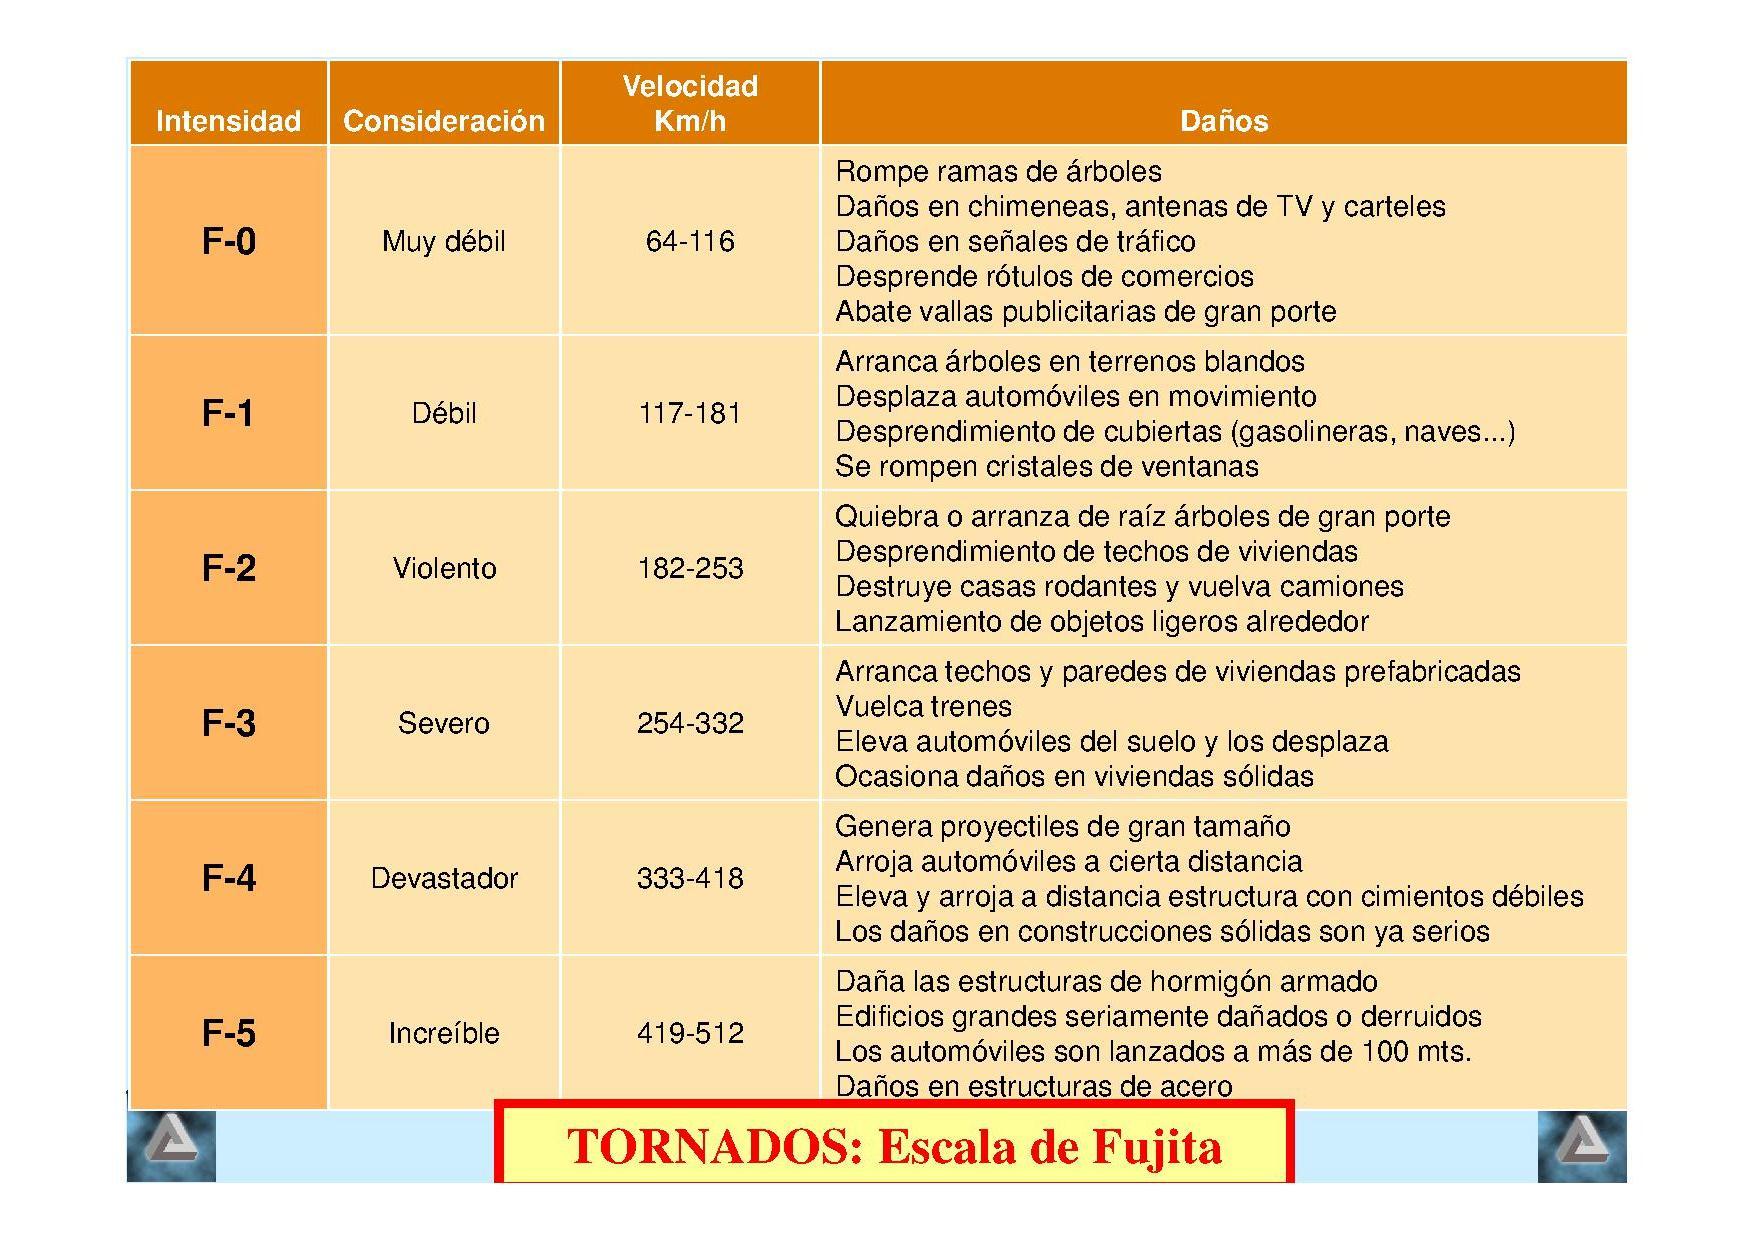 Tornados peque os gigantes ciencia f cil blogs - Tornados en espana ...